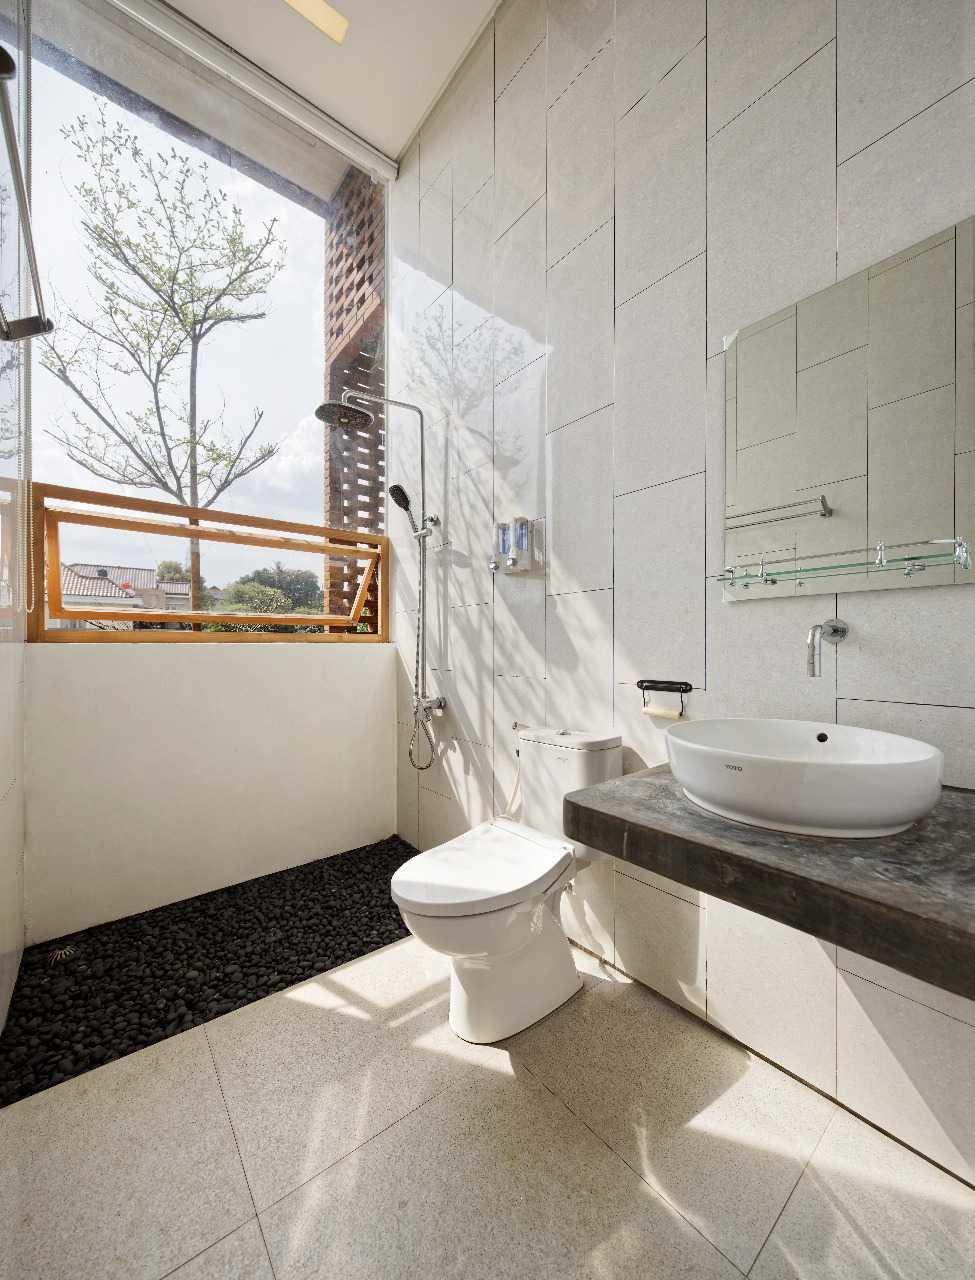 Posisi kamar mandi di lantai satu, di kamar tidur utama, sengaja disembunyikan di balik lemari yang diselimuti cermin. Detailnya pun cukup unik dengan beberapa bagian dinding melayang bebas tanpa penyangga.